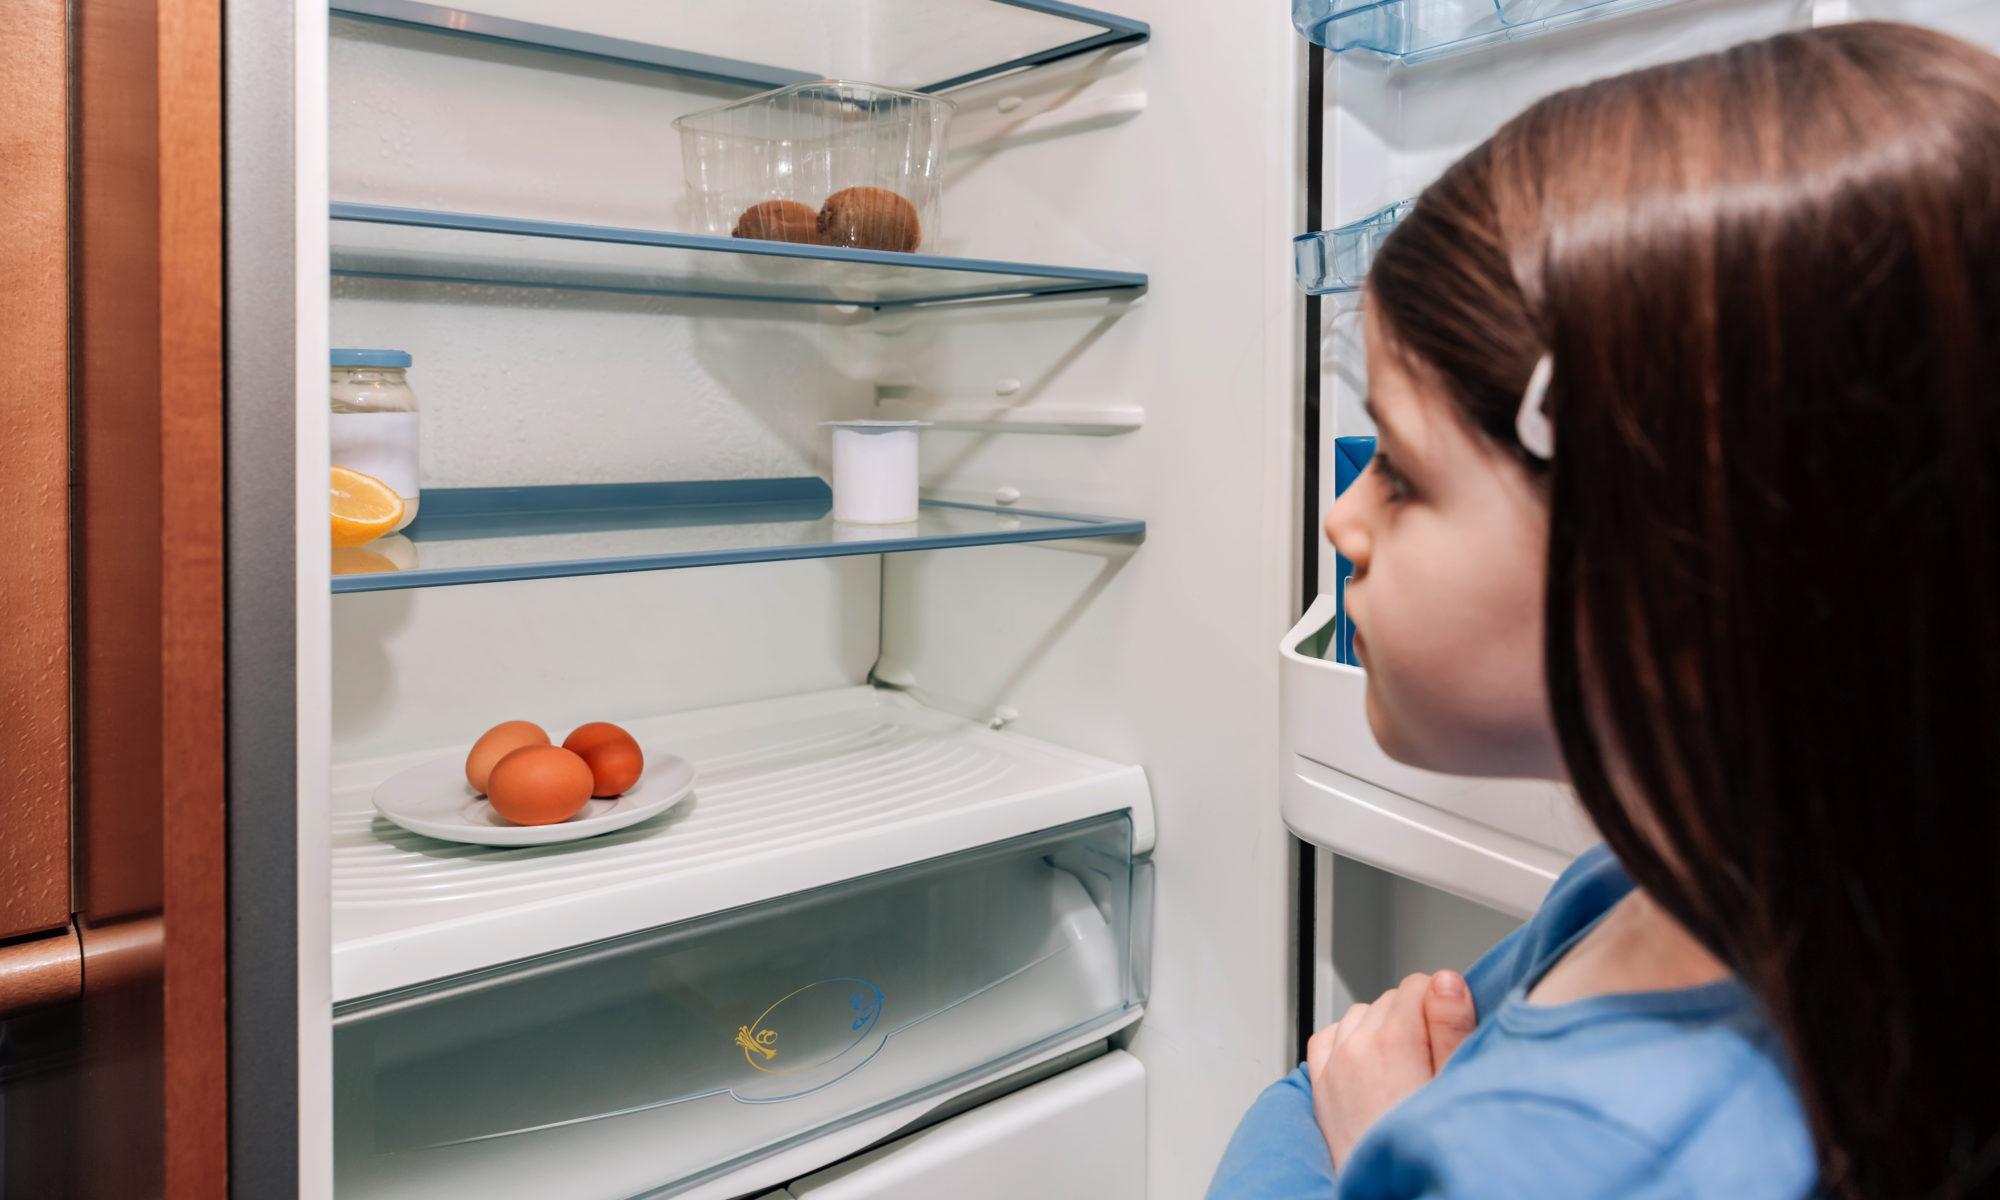 AdobeStock 336806501 2000x1200 - Bundesregierung lehnt höheren Hartz IV-Regelsatz für Lebensmittel ab